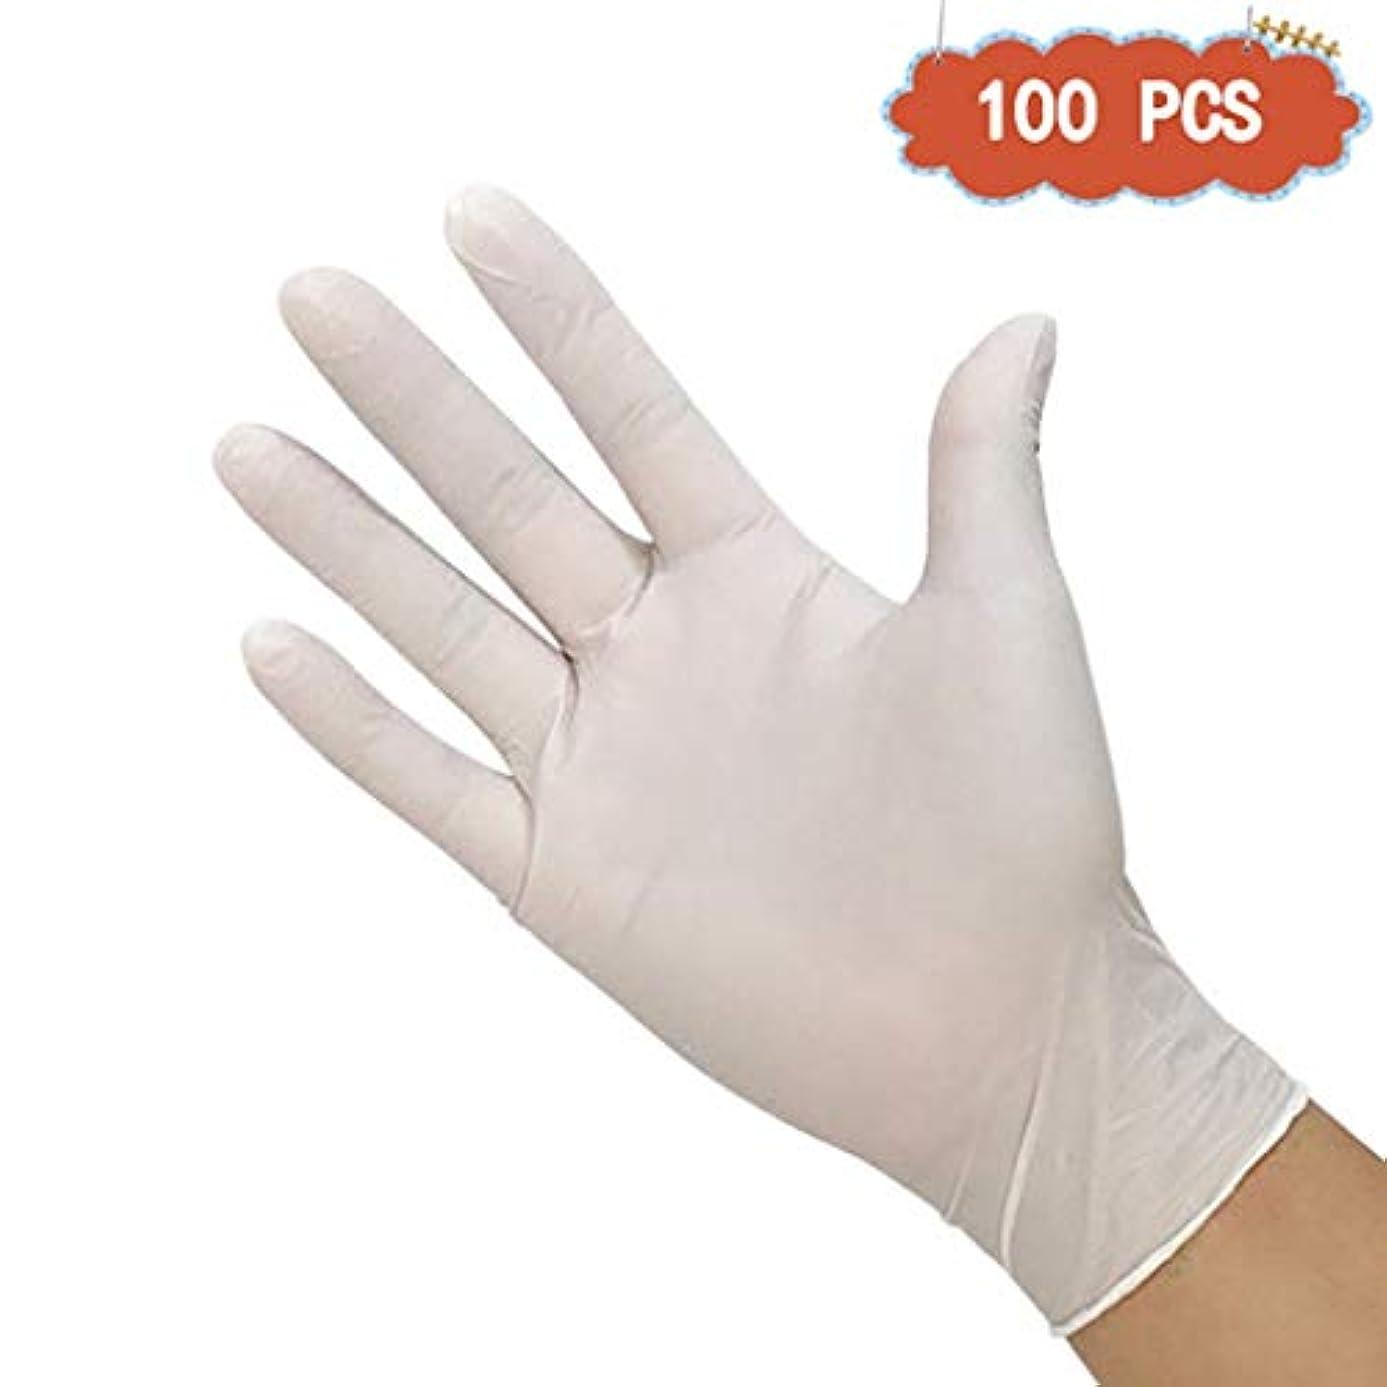 麻酔薬豊富な交渉するニトリルホームクリーニングと酸とアルカリ使い捨て手袋ペットケアネイルアート検査保護実験、ビューティーサロンラテックスフリー、パウダーフリー、両手利き、100個 (Size : M)